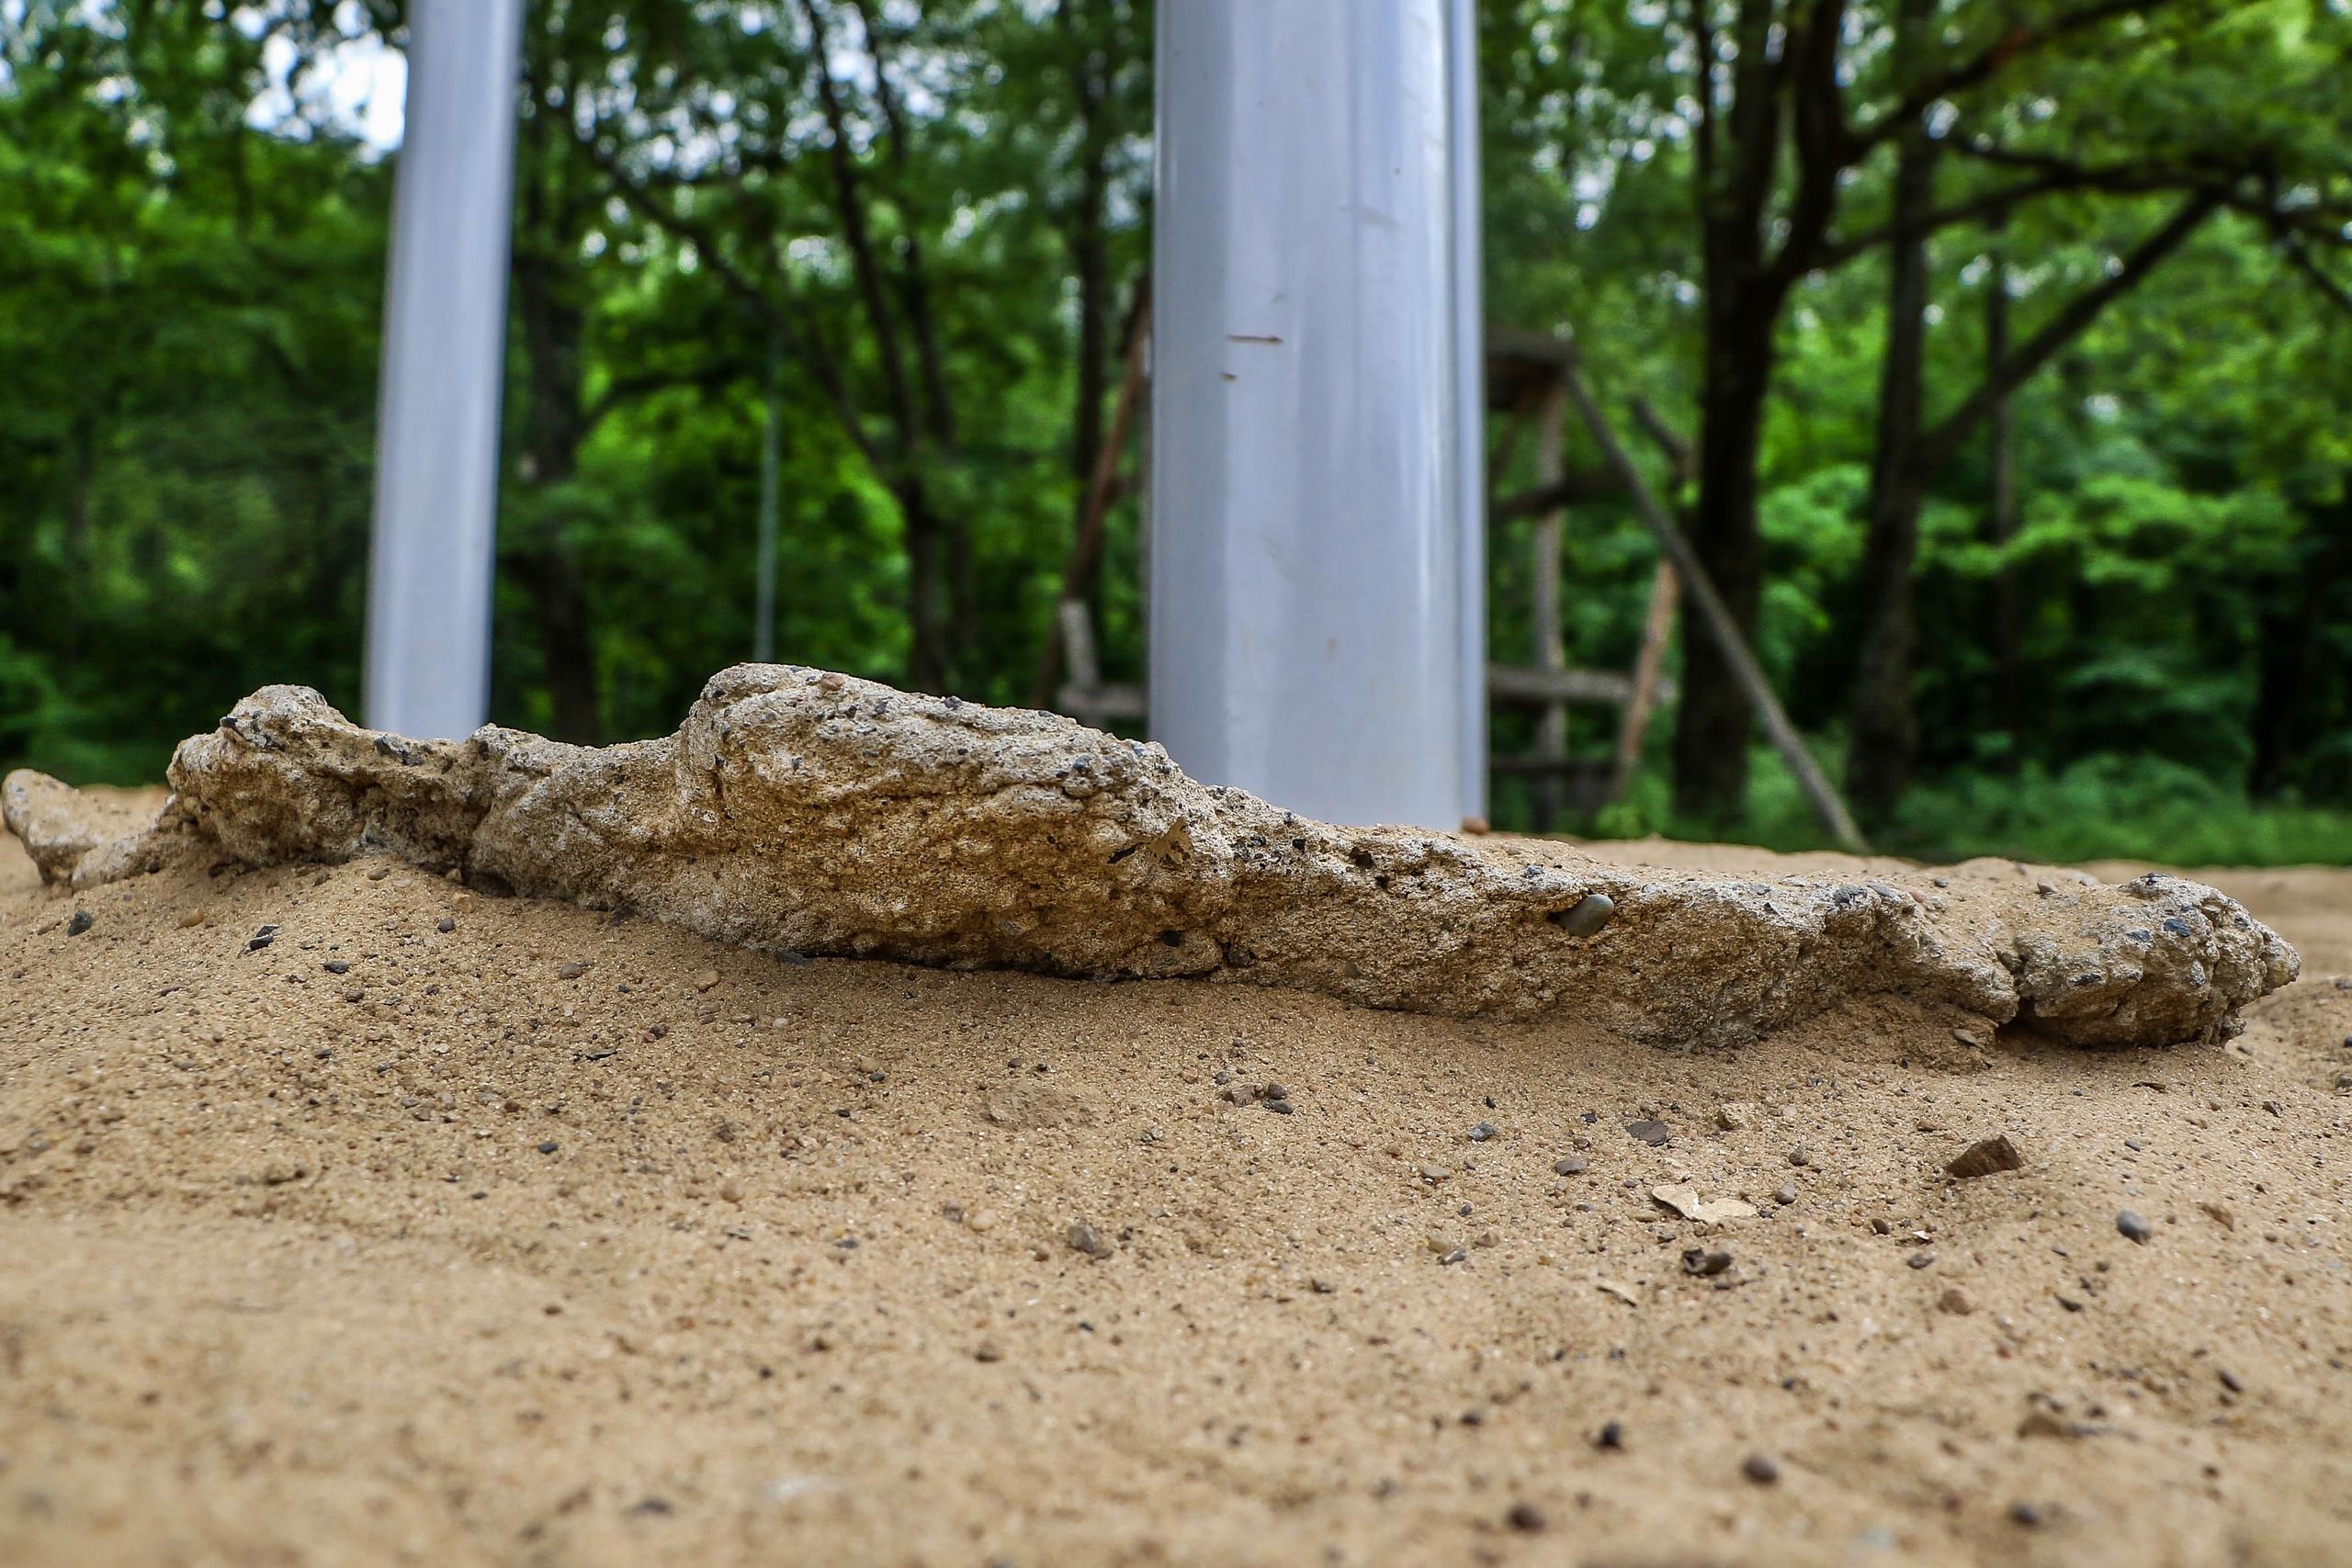 Вы бы отпустили маленьких детей на площадку, где такое торчит из песка?